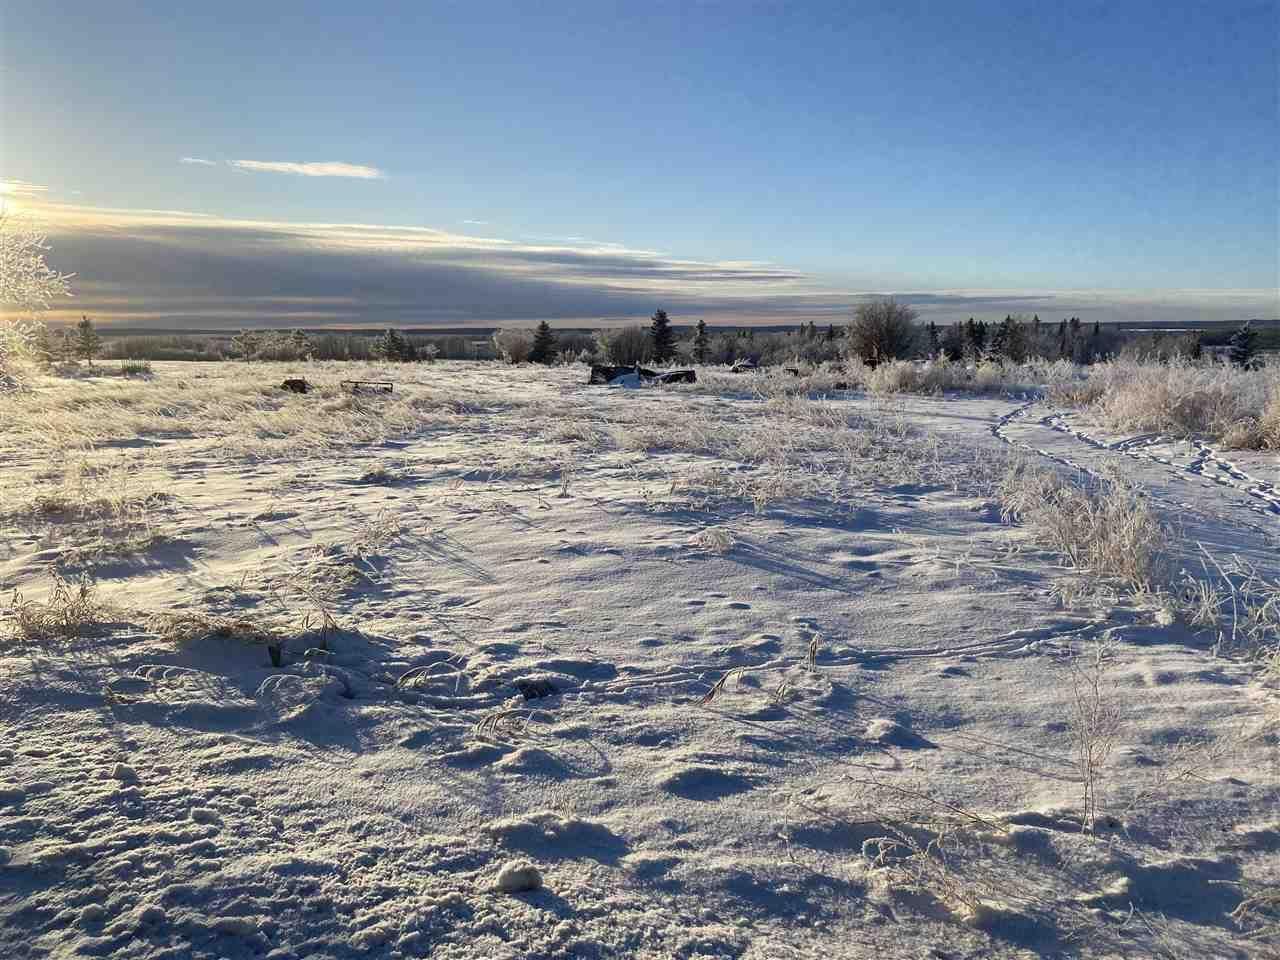 """Main Photo: 16598 259 Road in Fort St. John: Fort St. John - Rural E 100th Land for sale in """"ROSE PRAIRIE"""" (Fort St. John (Zone 60))  : MLS®# R2521724"""